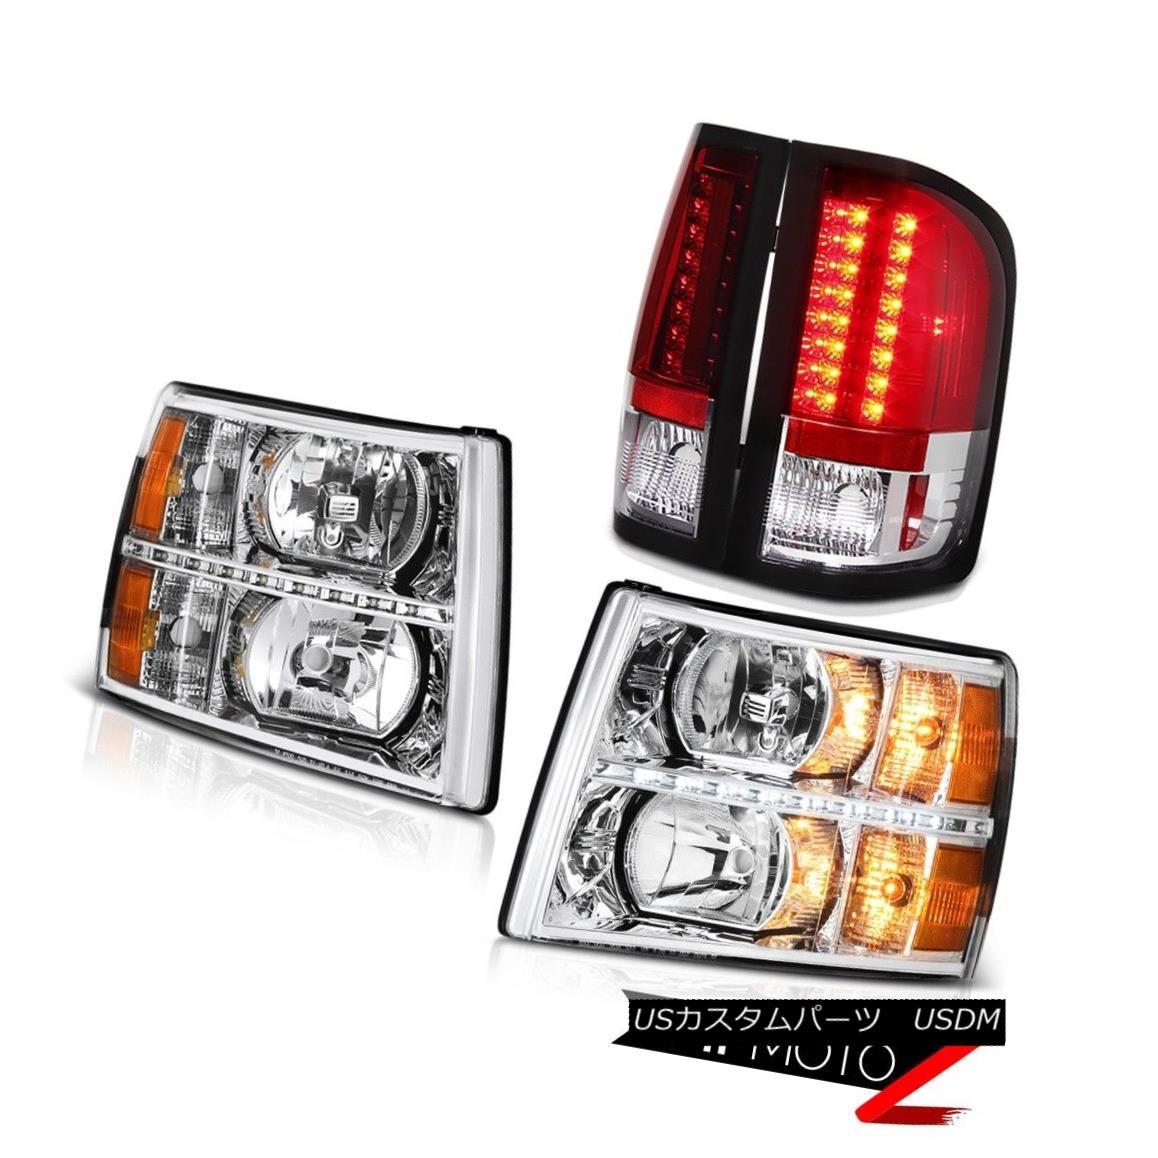 ヘッドライト 07-13 Silverado LT Headlamps led drl red clear tail brake lamps LED SMD Assembly 07-13 Silverado LTヘッドライトled drl赤いクリアテールブレーキランプLED SMDアセンブリ